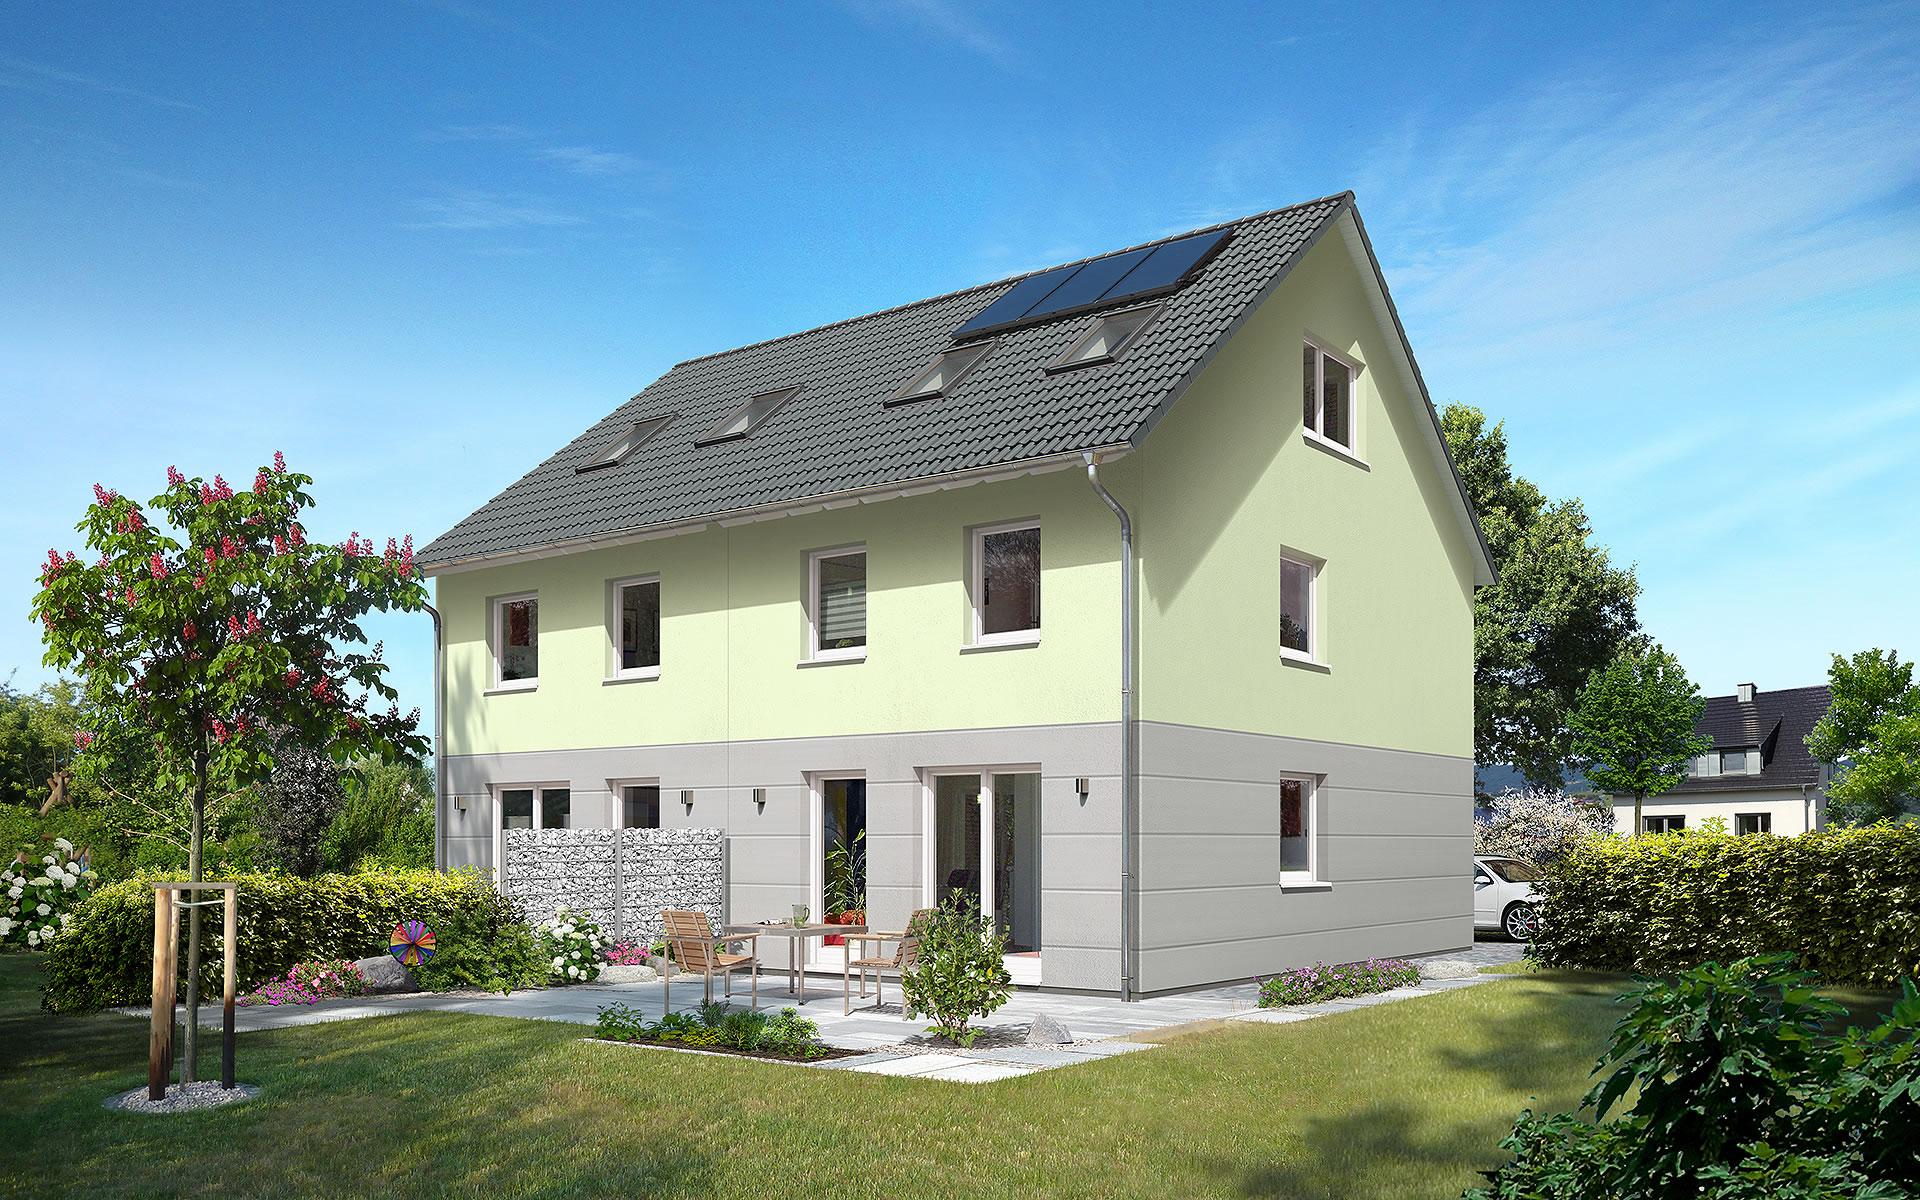 Doppelhaus Mainz 128 von Town & Country Haus Lizenzgeber GmbH